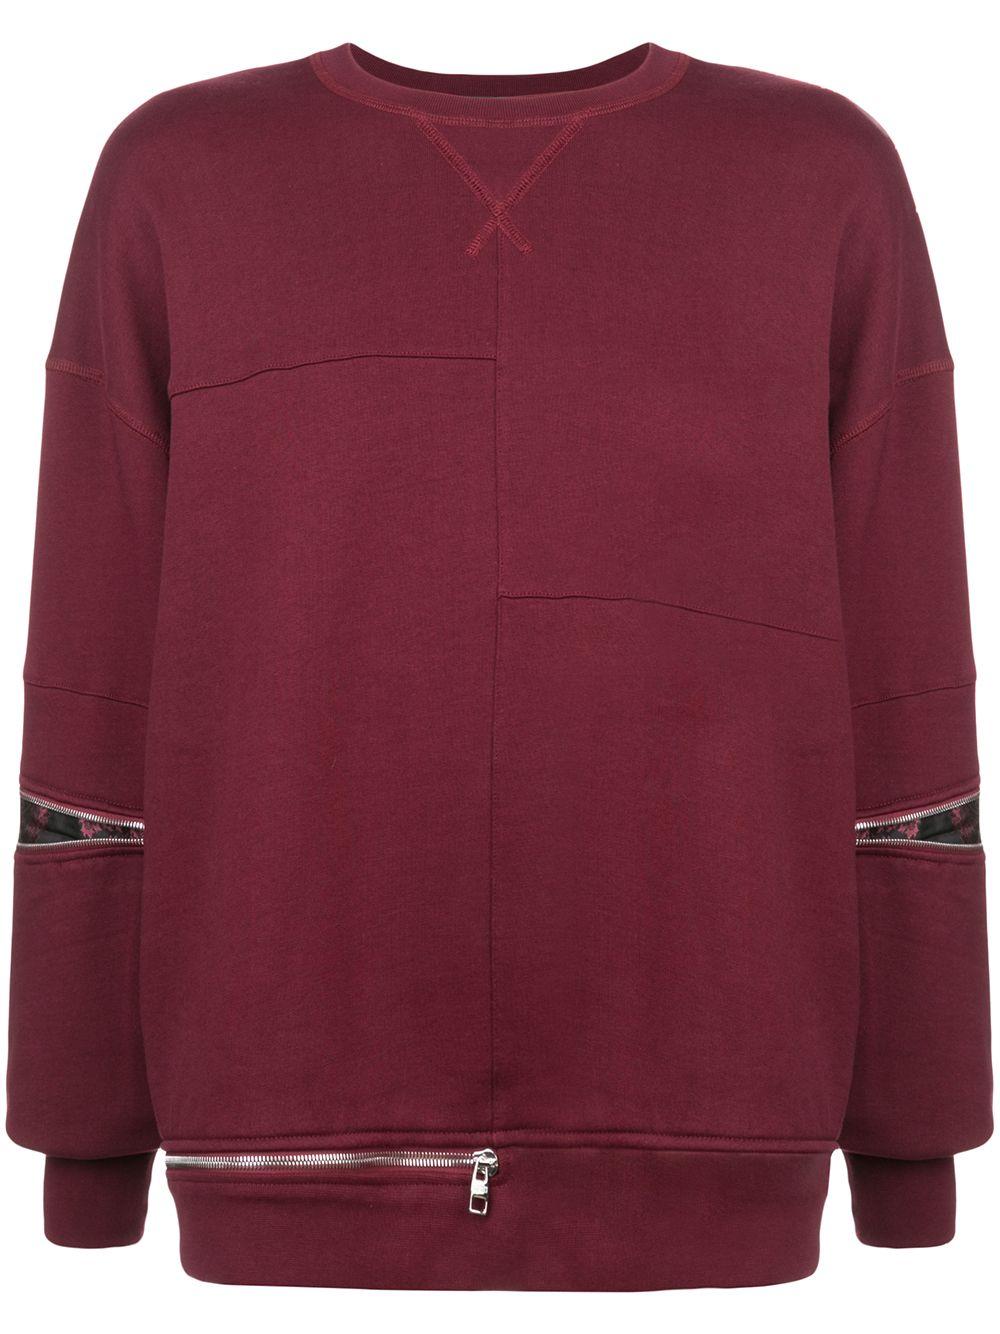 0d7abc6e450d8 Alexander McQueen Zipper Embellished Sweatshirt